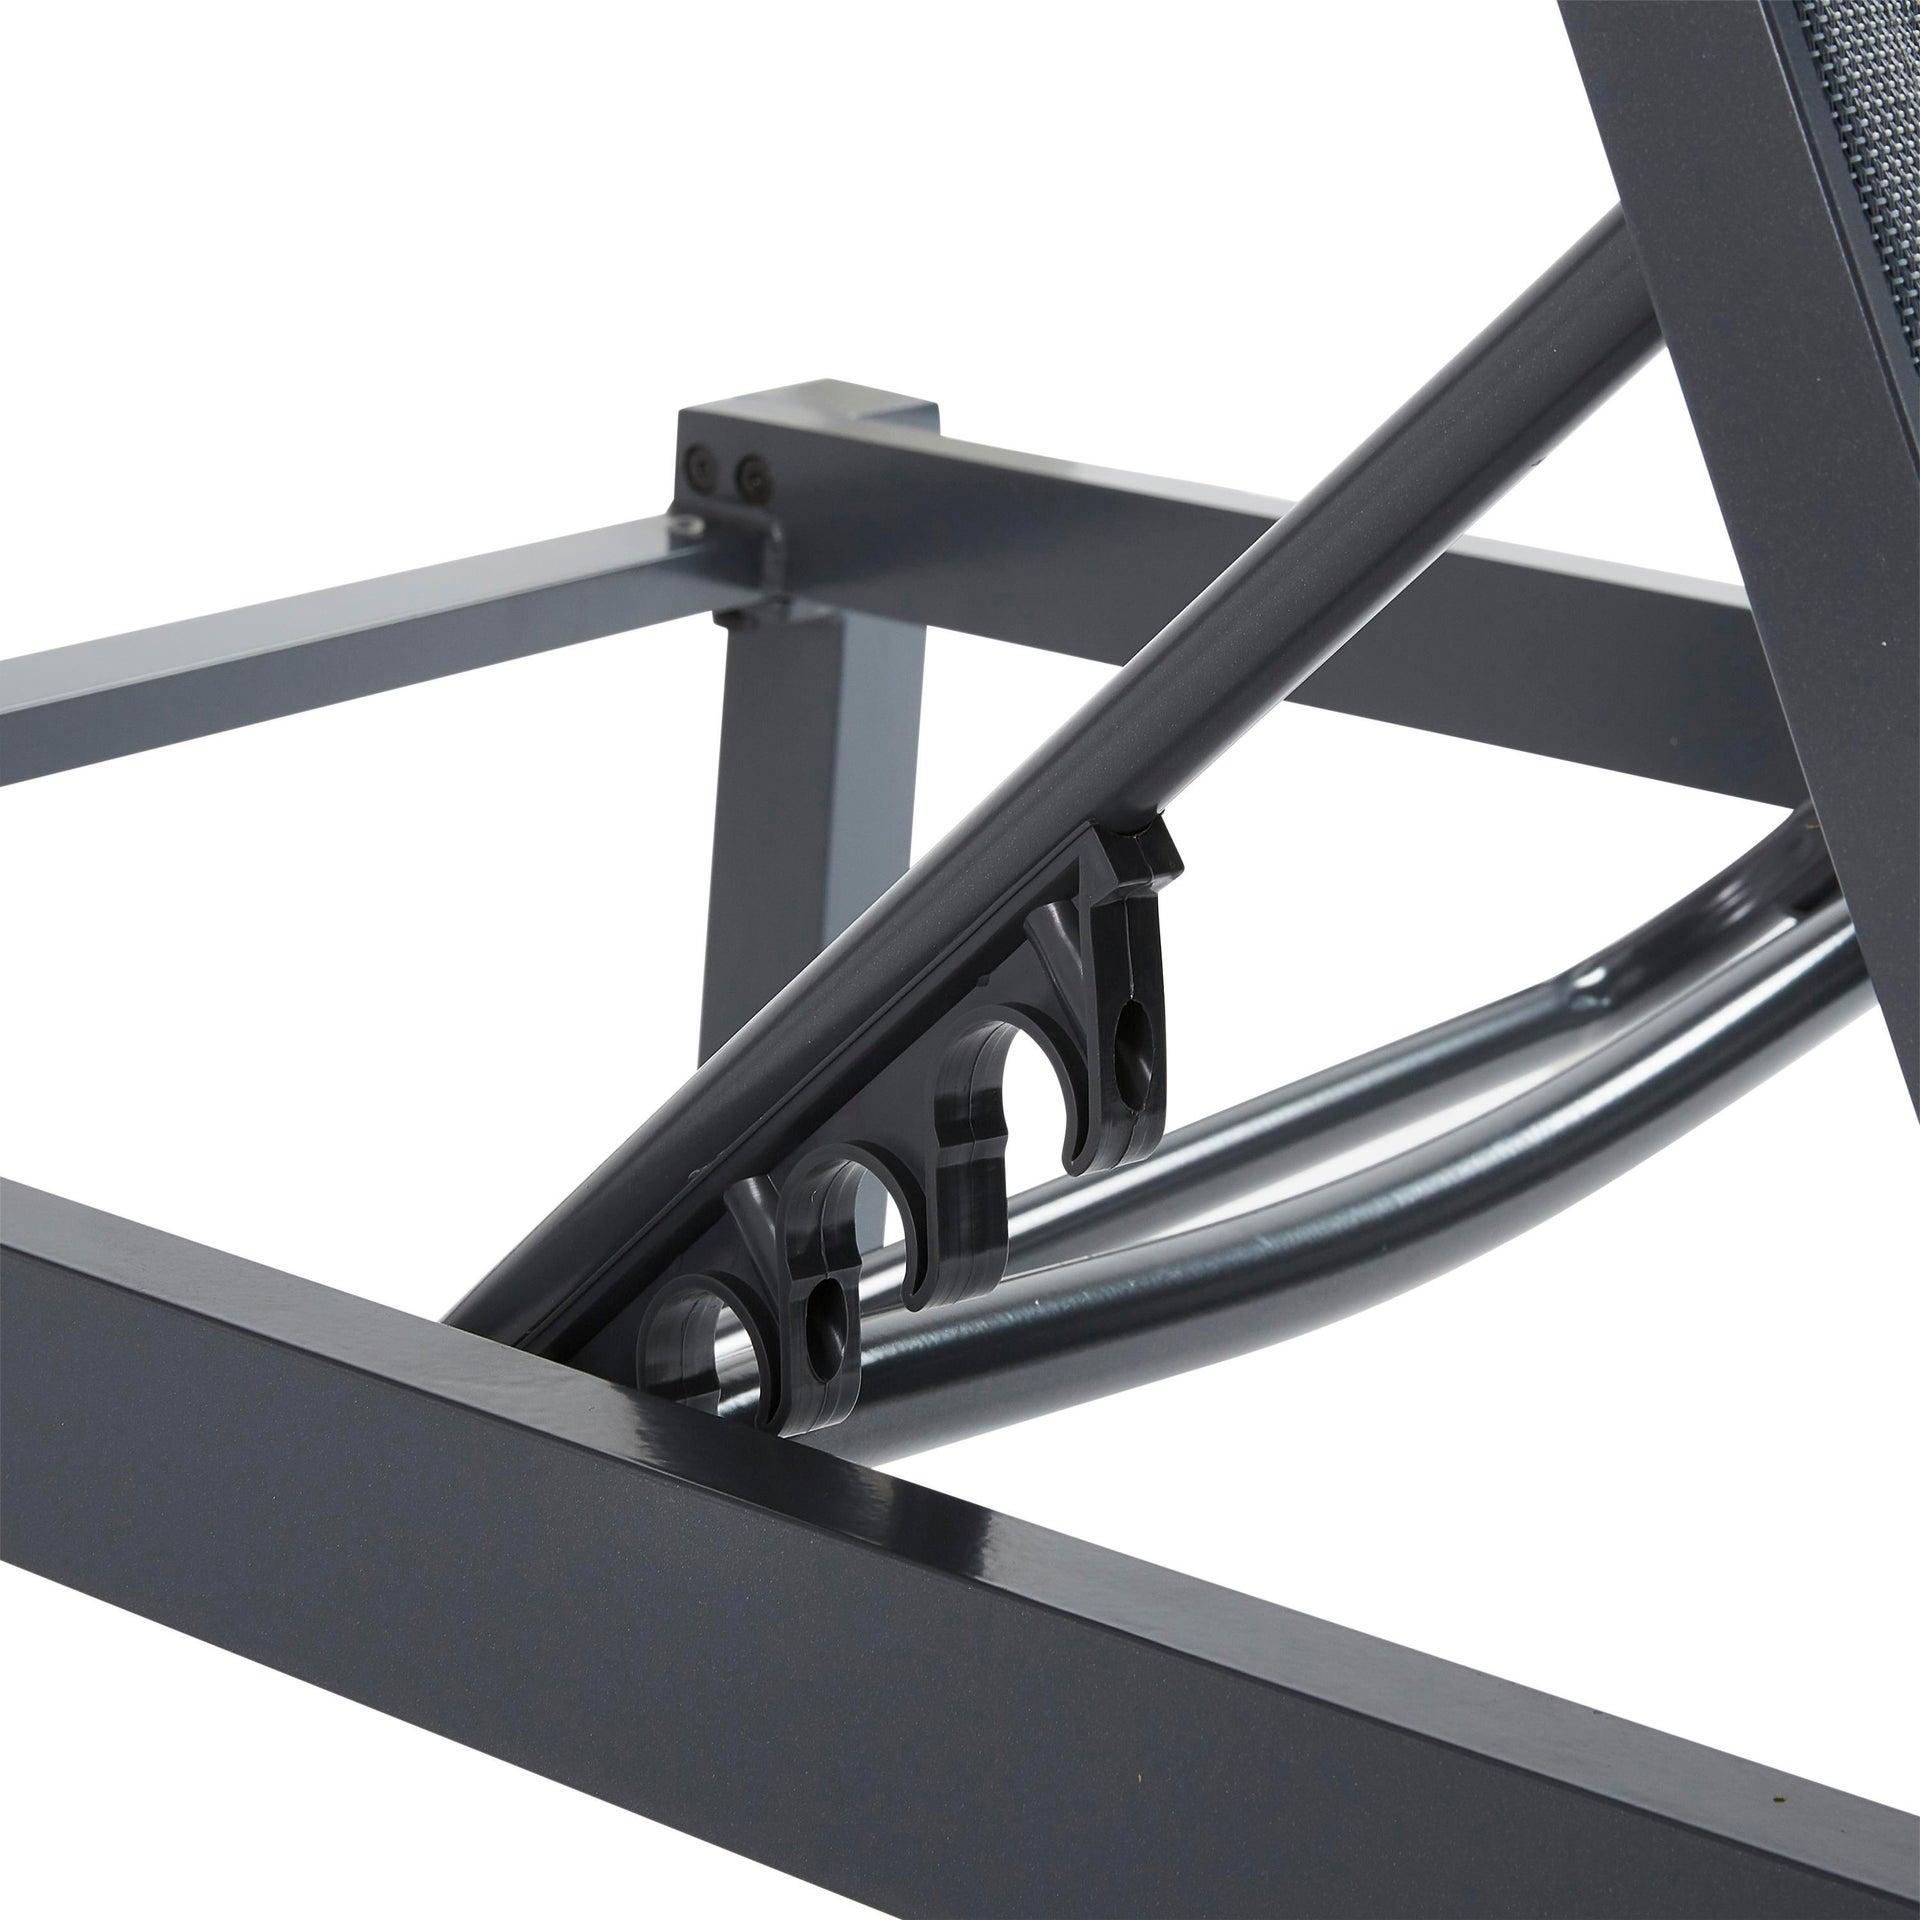 Lettino senza cuscino impilabile NATERIAL Aquila in alluminio grigio scuro - 5